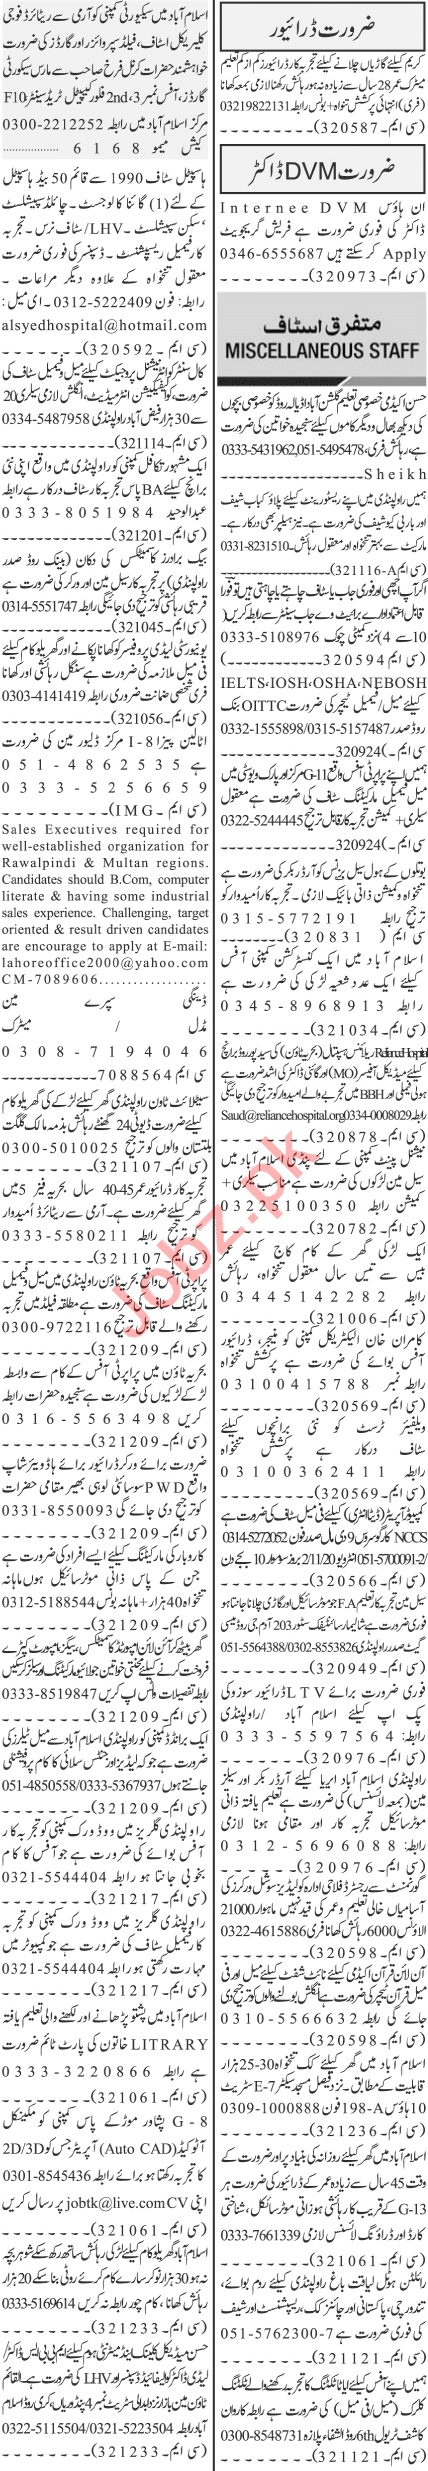 Jang Sunday Rawalpindi Classified Ads 1st Nov 2020